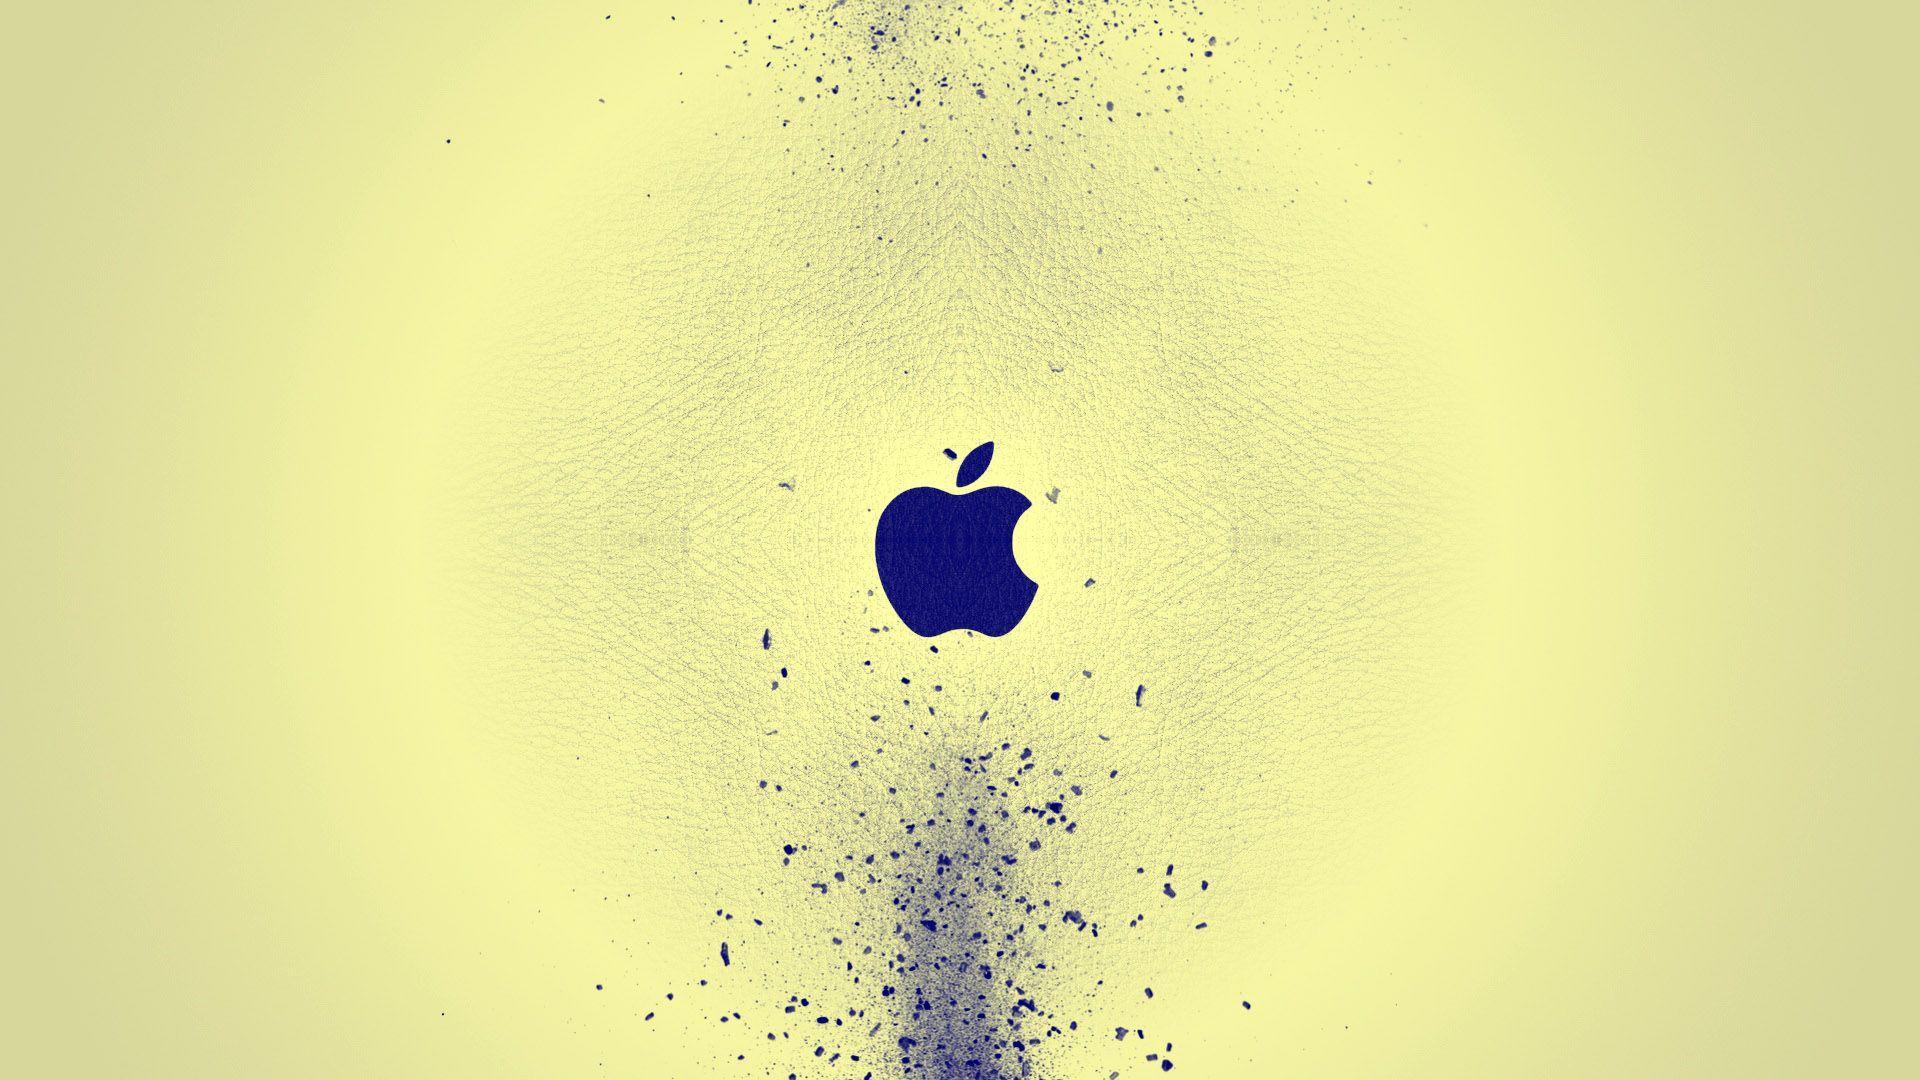 MacBook Wallpapers Top Free MacBook Backgrounds